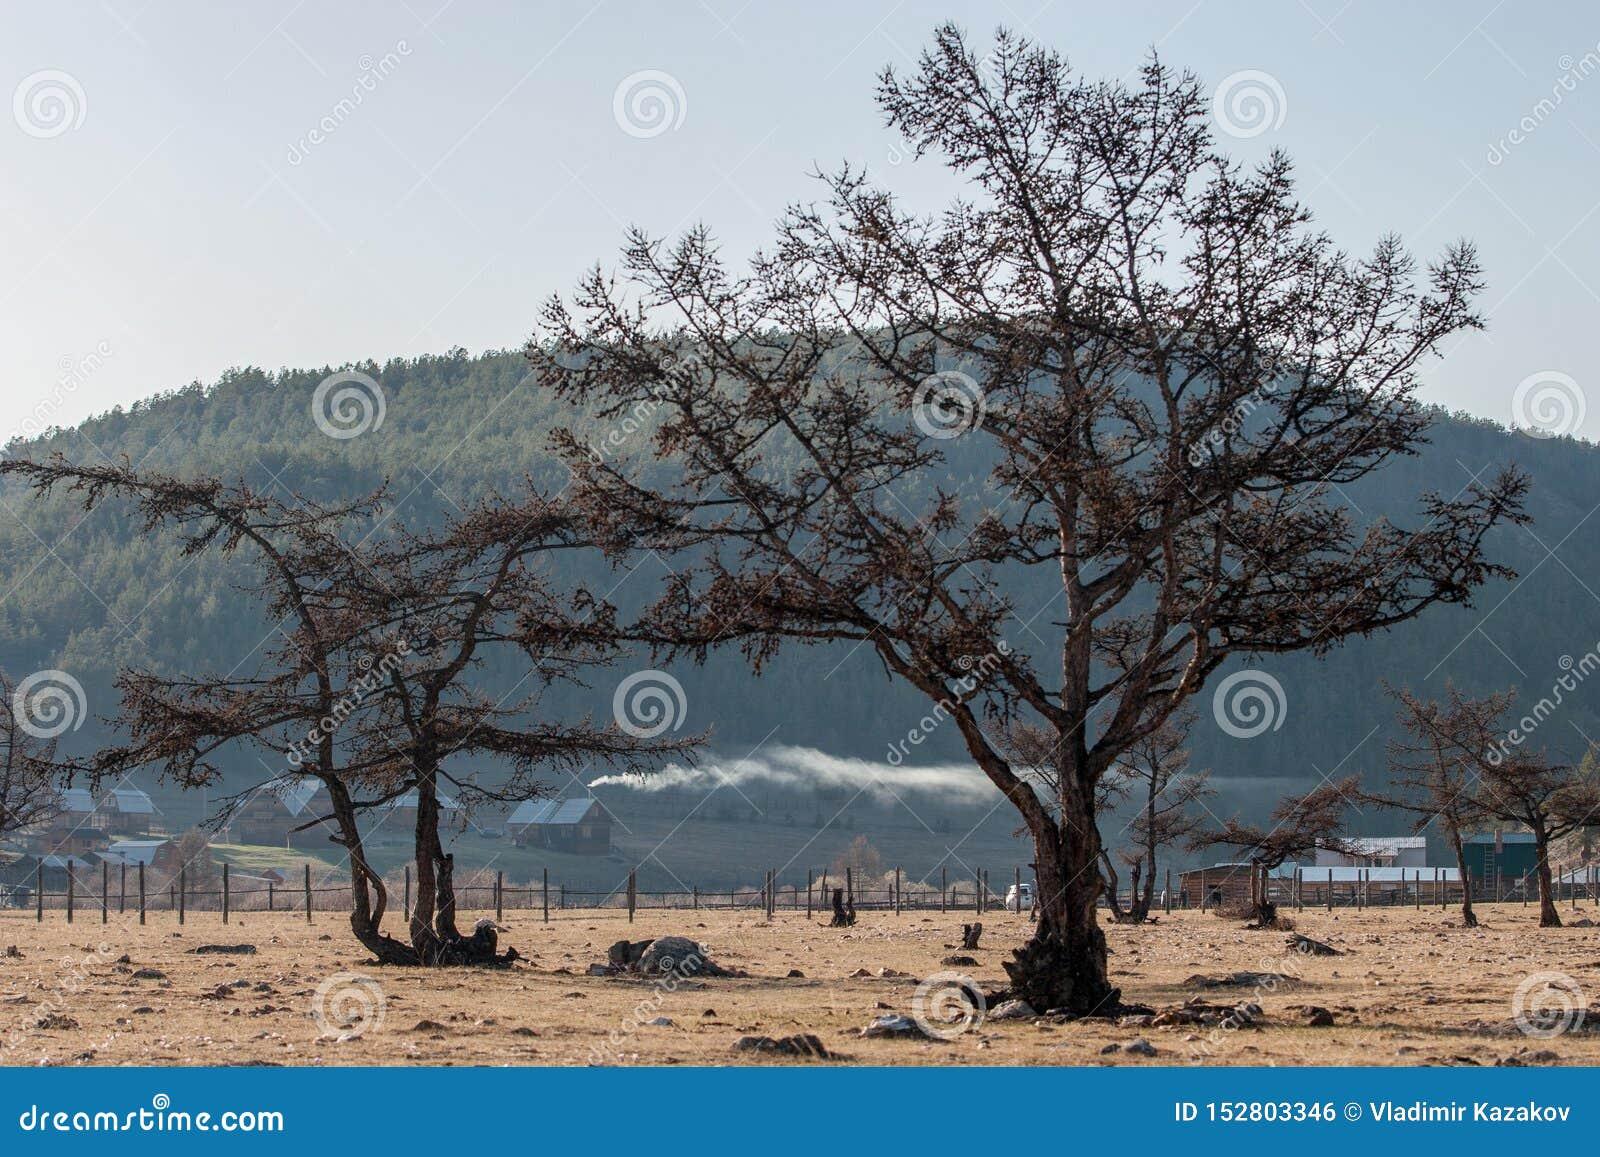 Деревья на предпосылке гор с деревянными старыми домами С красивым дымом от каминов